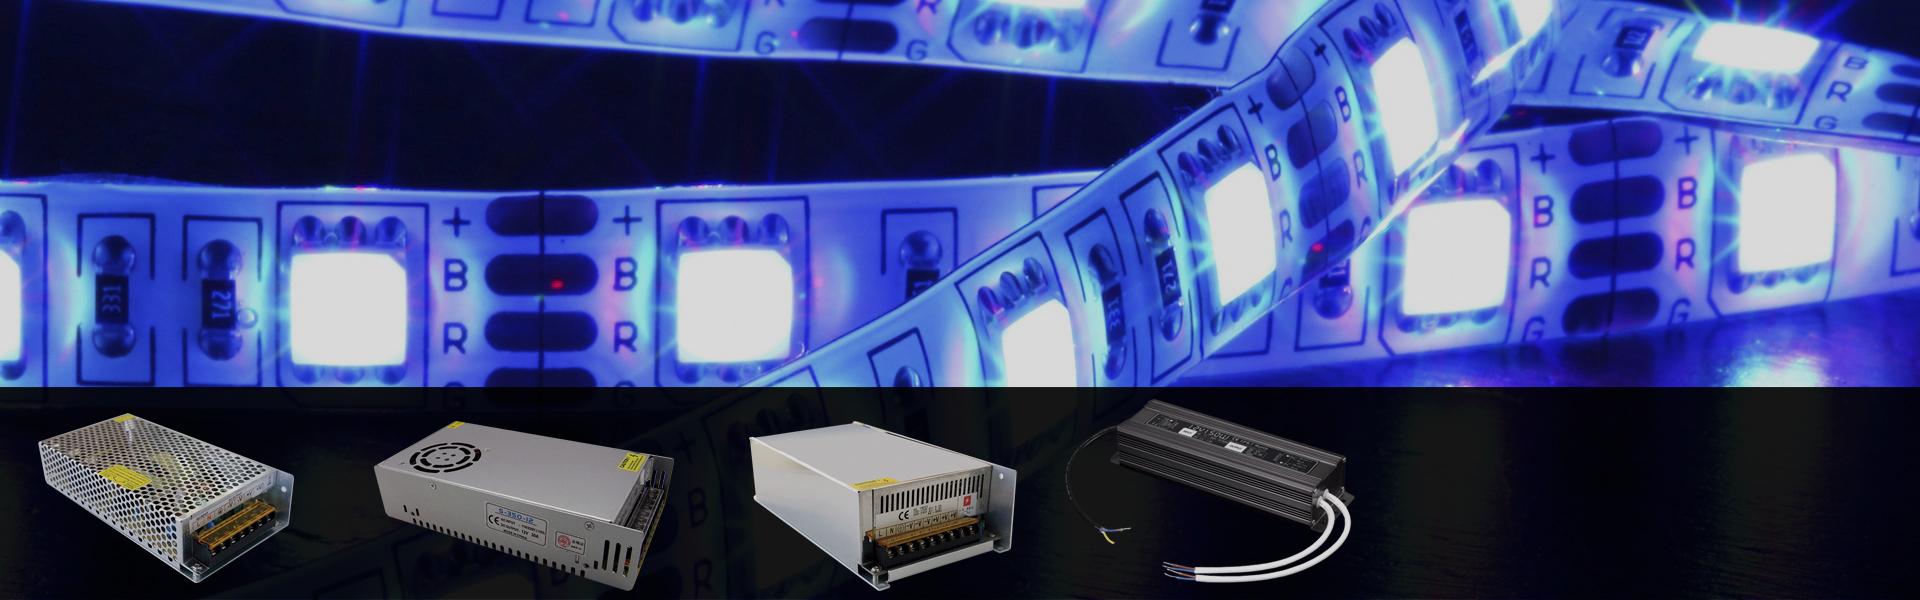 12-fuentes-de-iluminación-led-dark